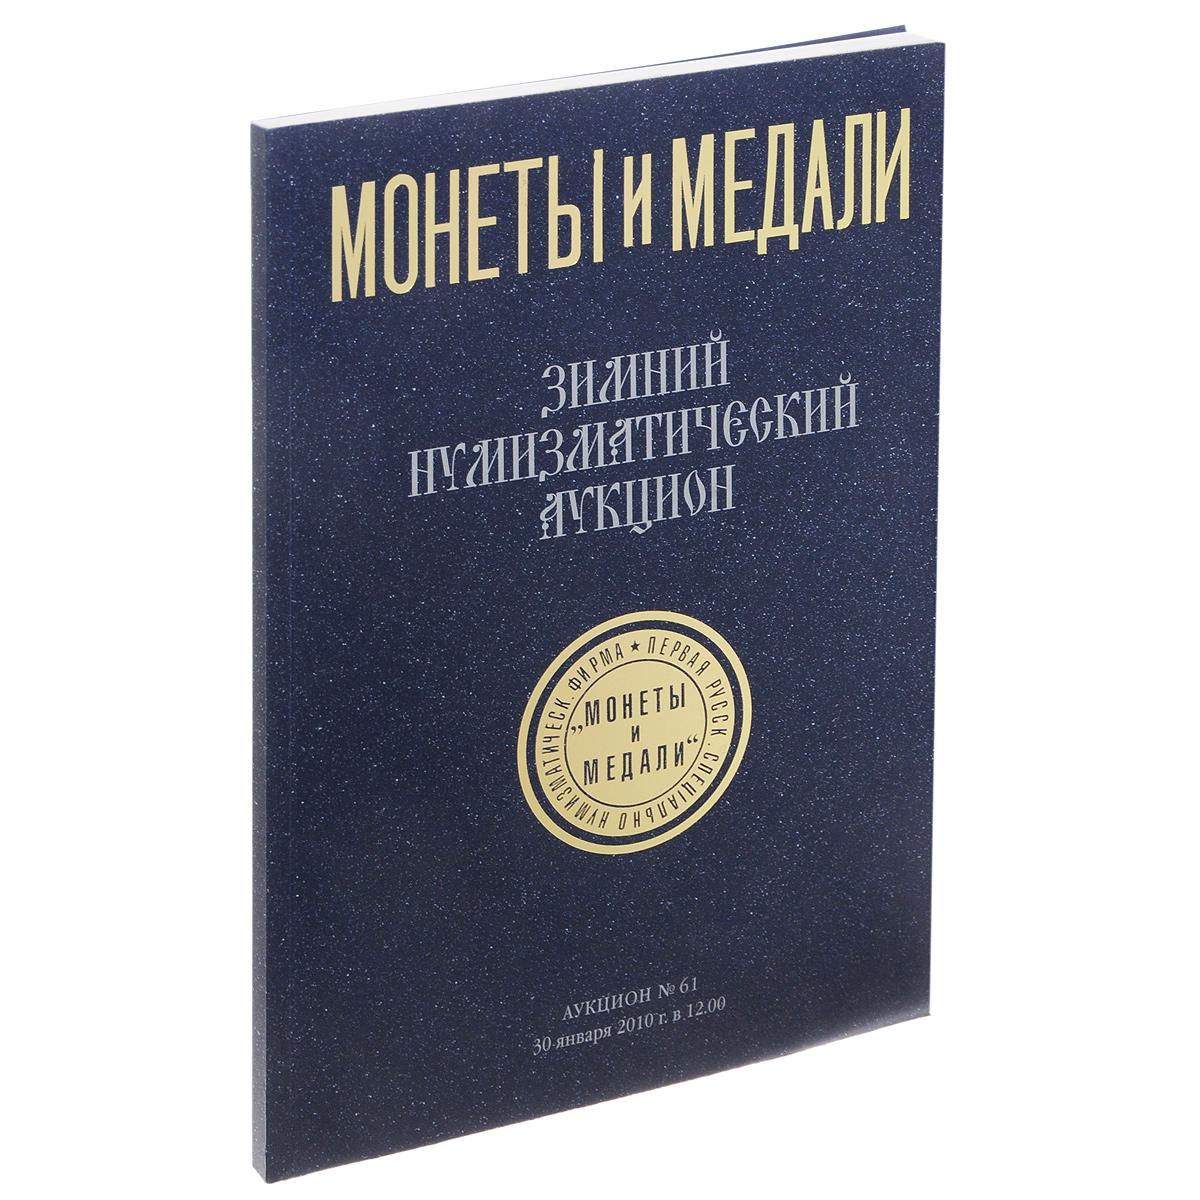 Аукцион №61. Зимний нумизматический аукцион диваны угловые раскладные каталог и цены